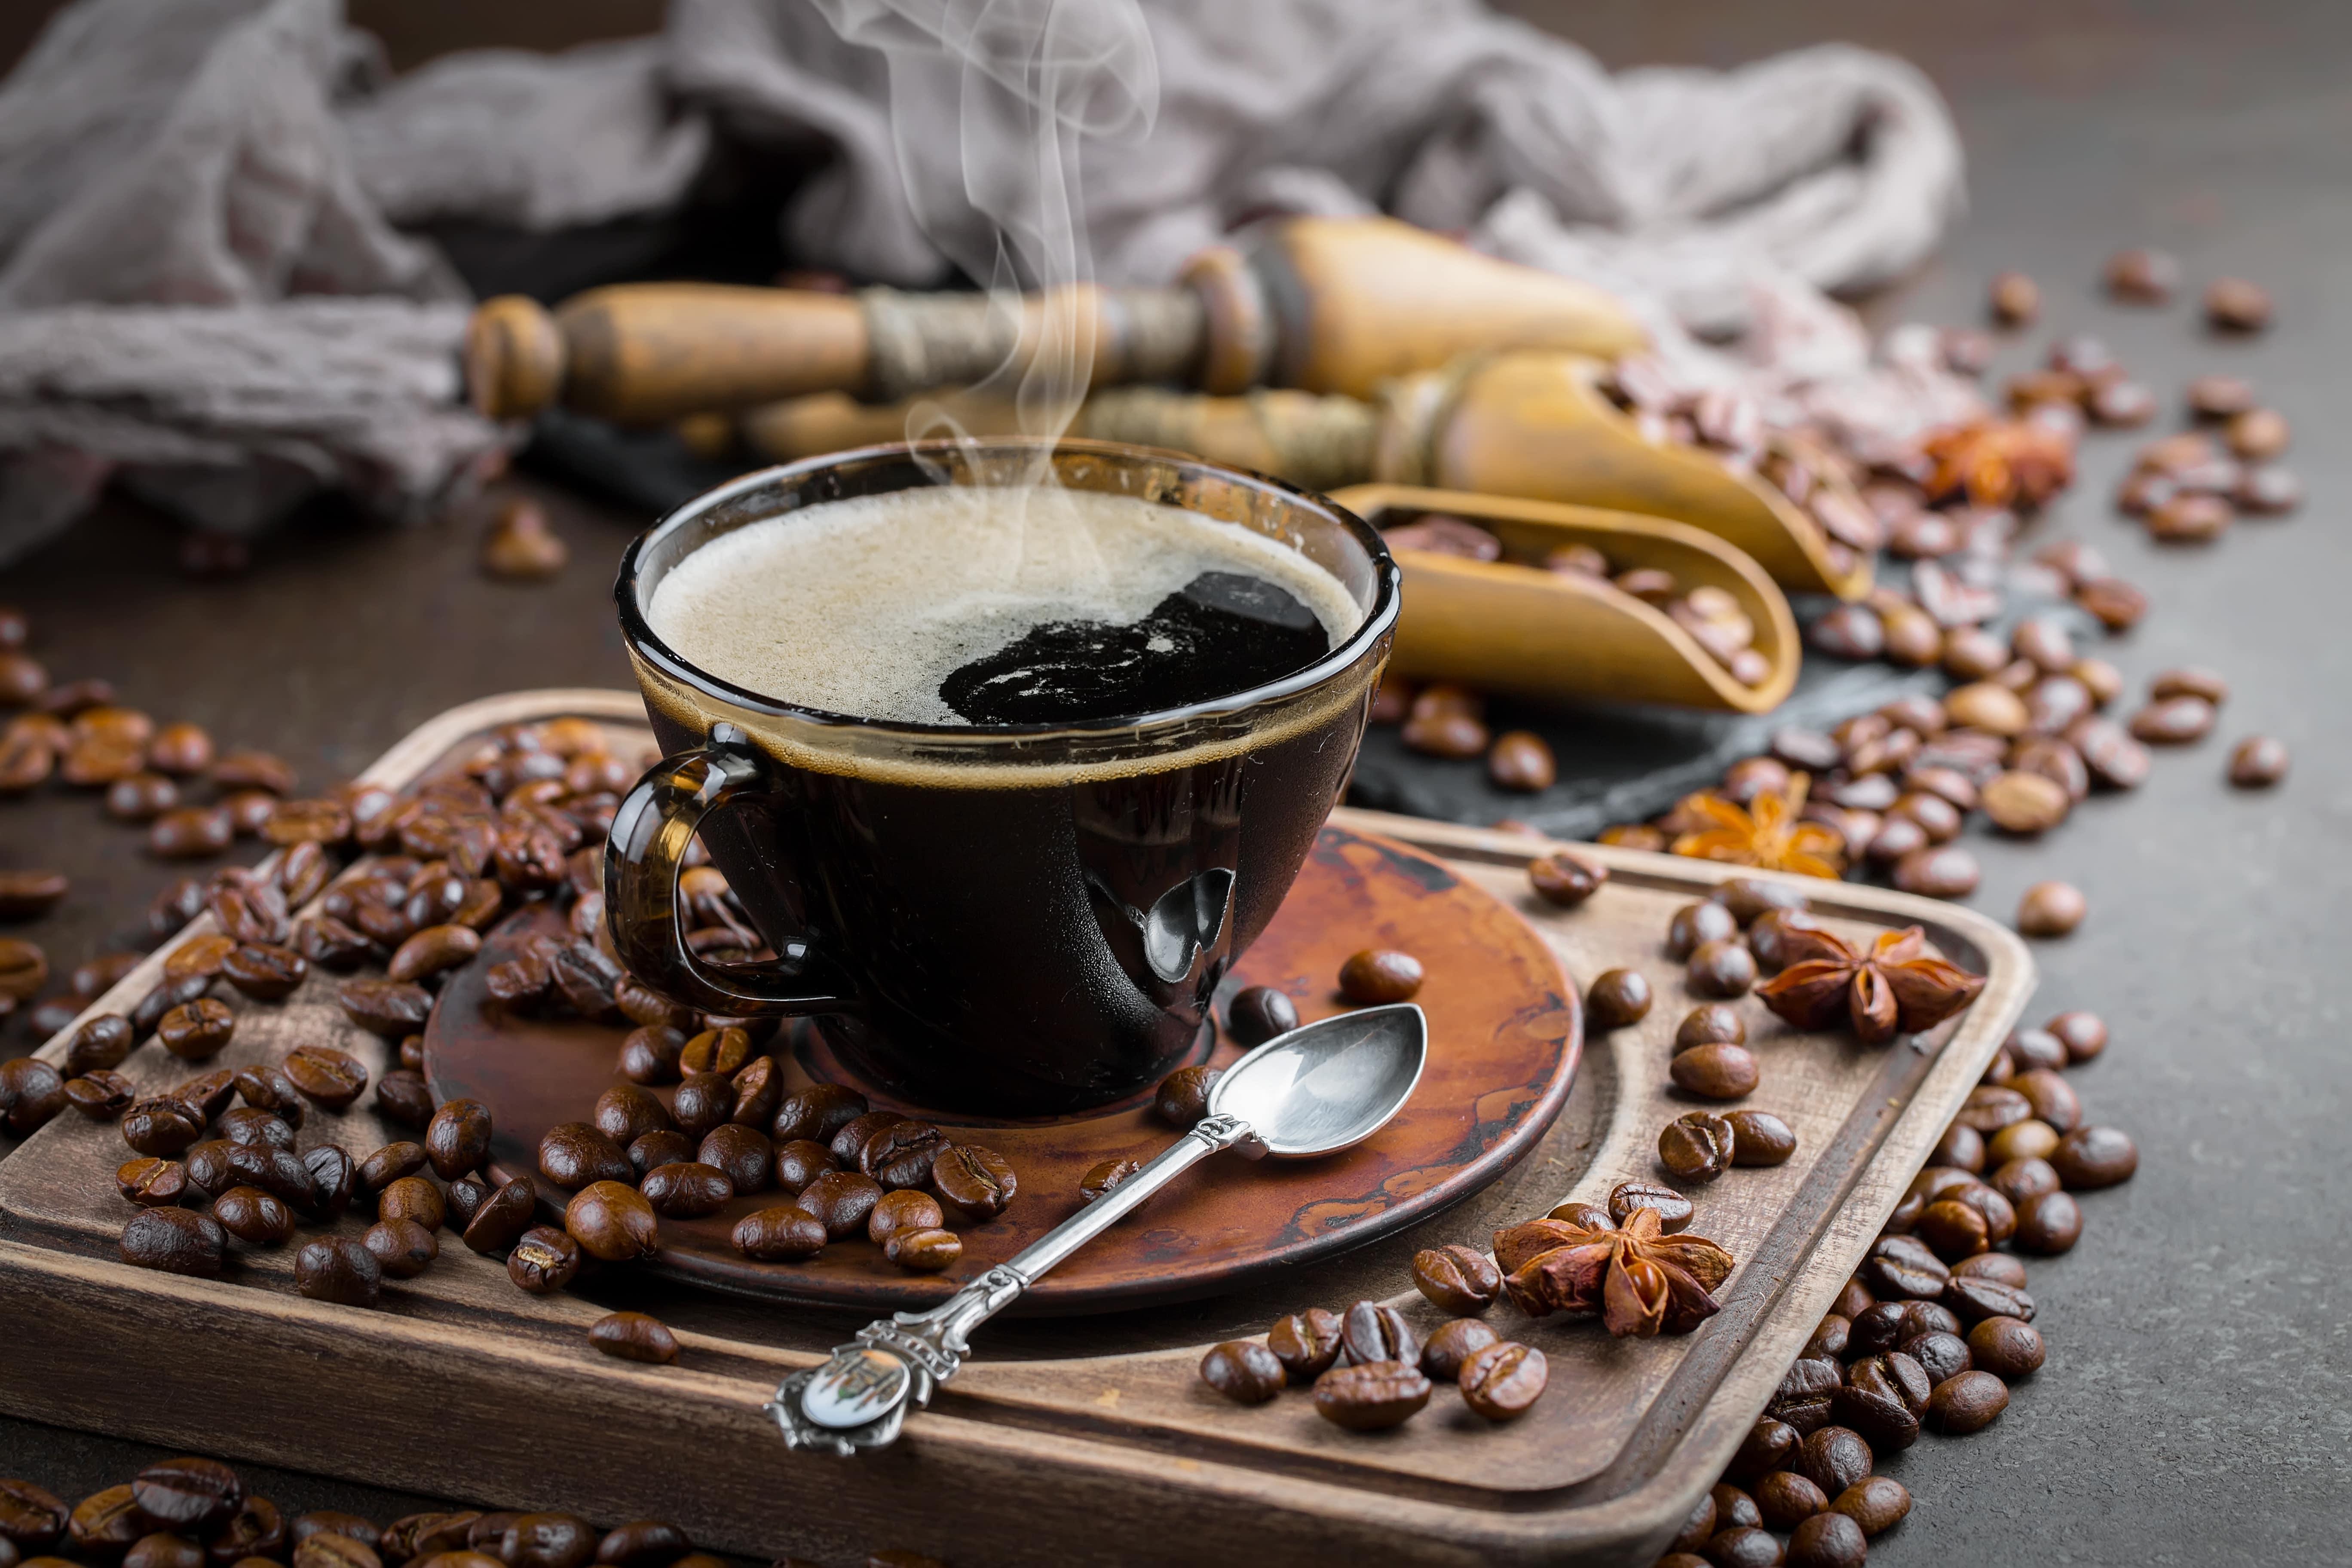 Le café americano